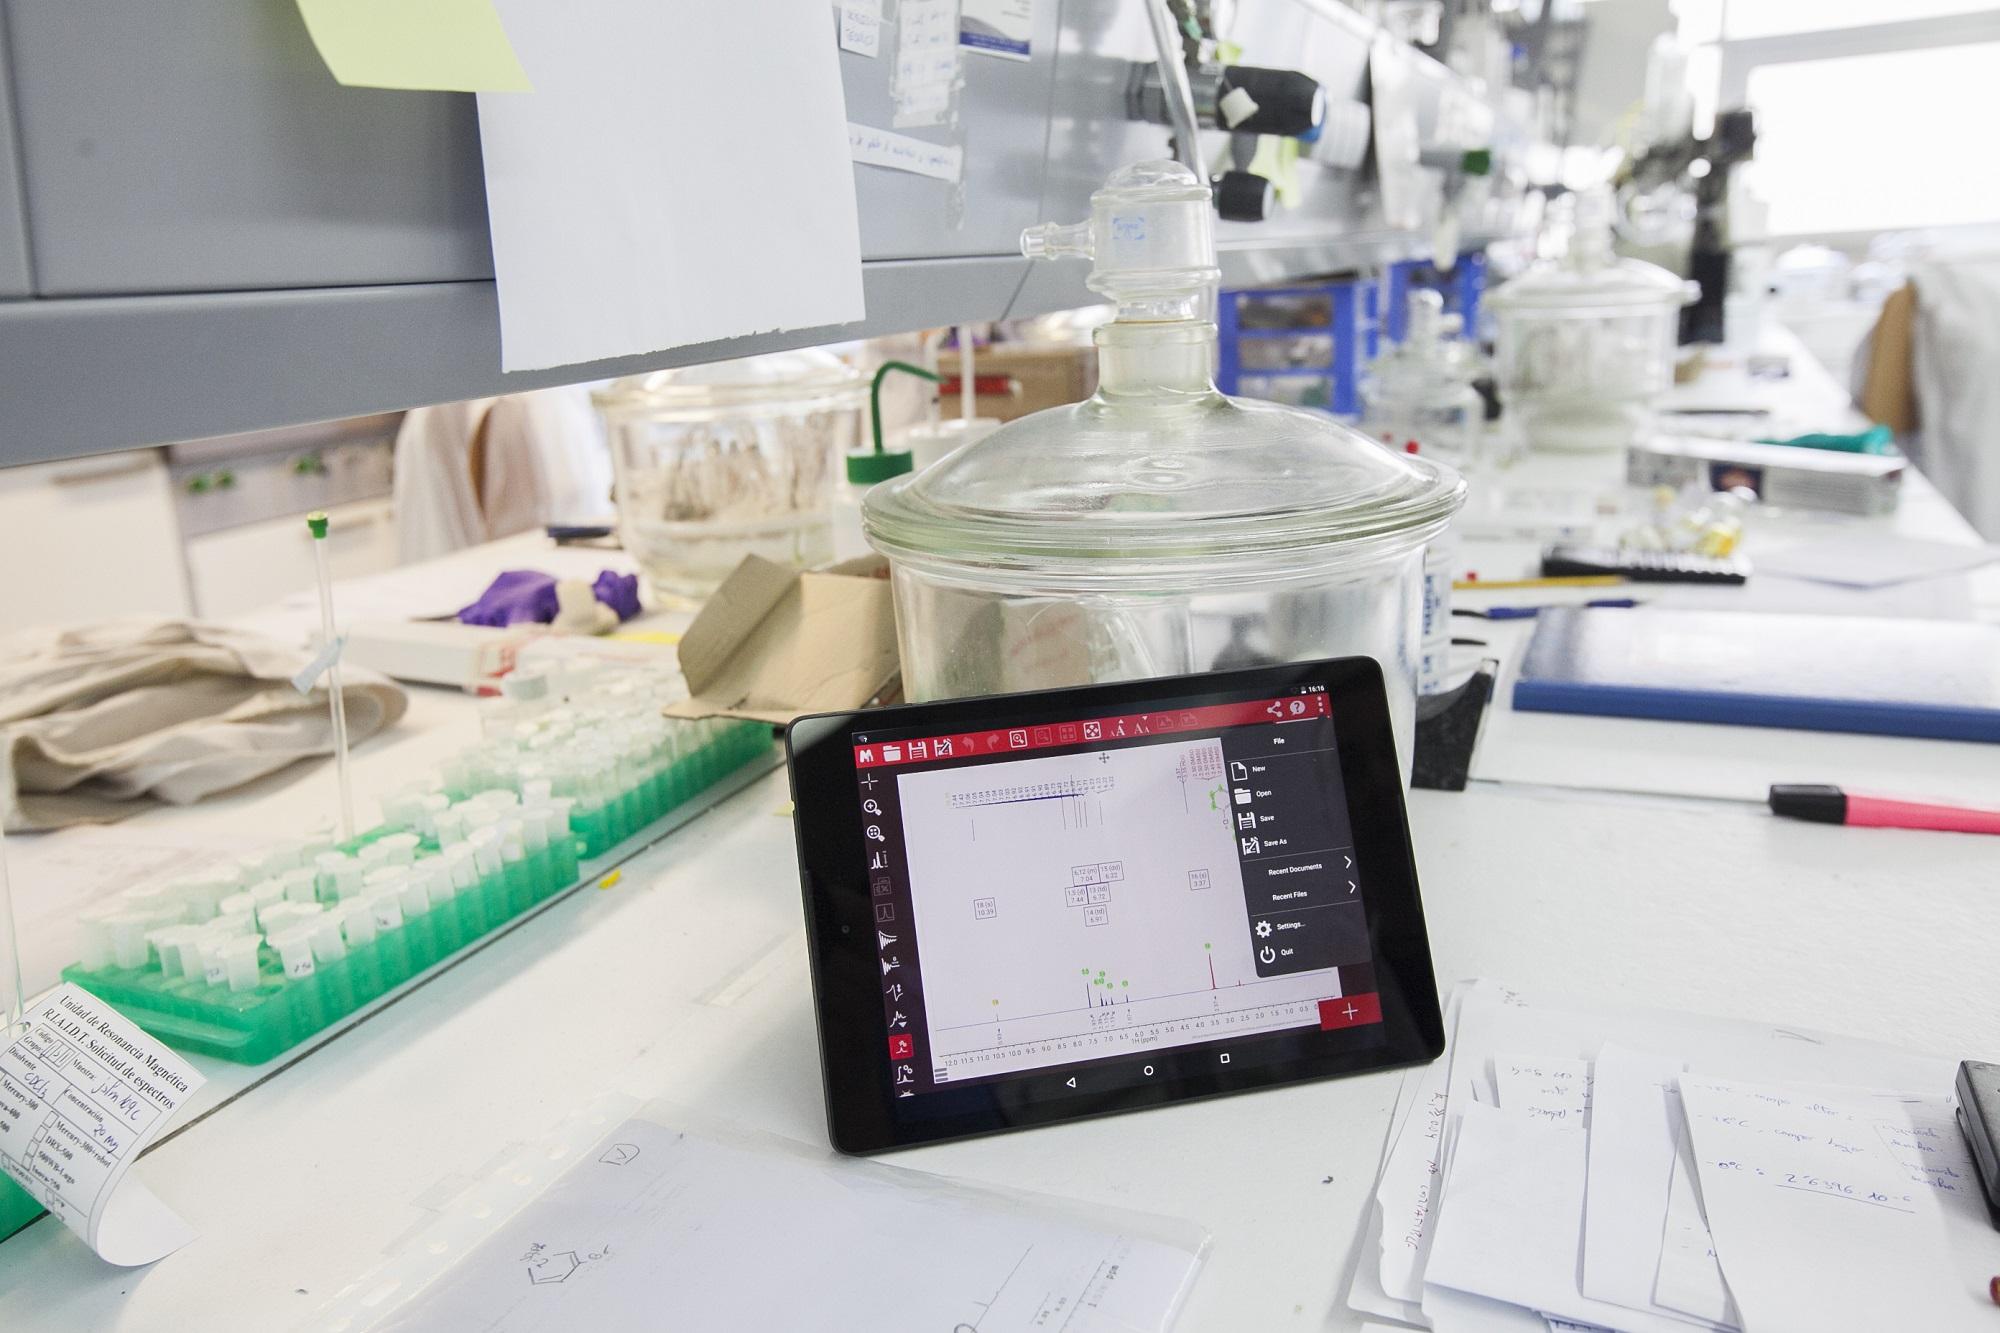 Tablet deseñada por Mestrelab para a análise de espectros de RMN